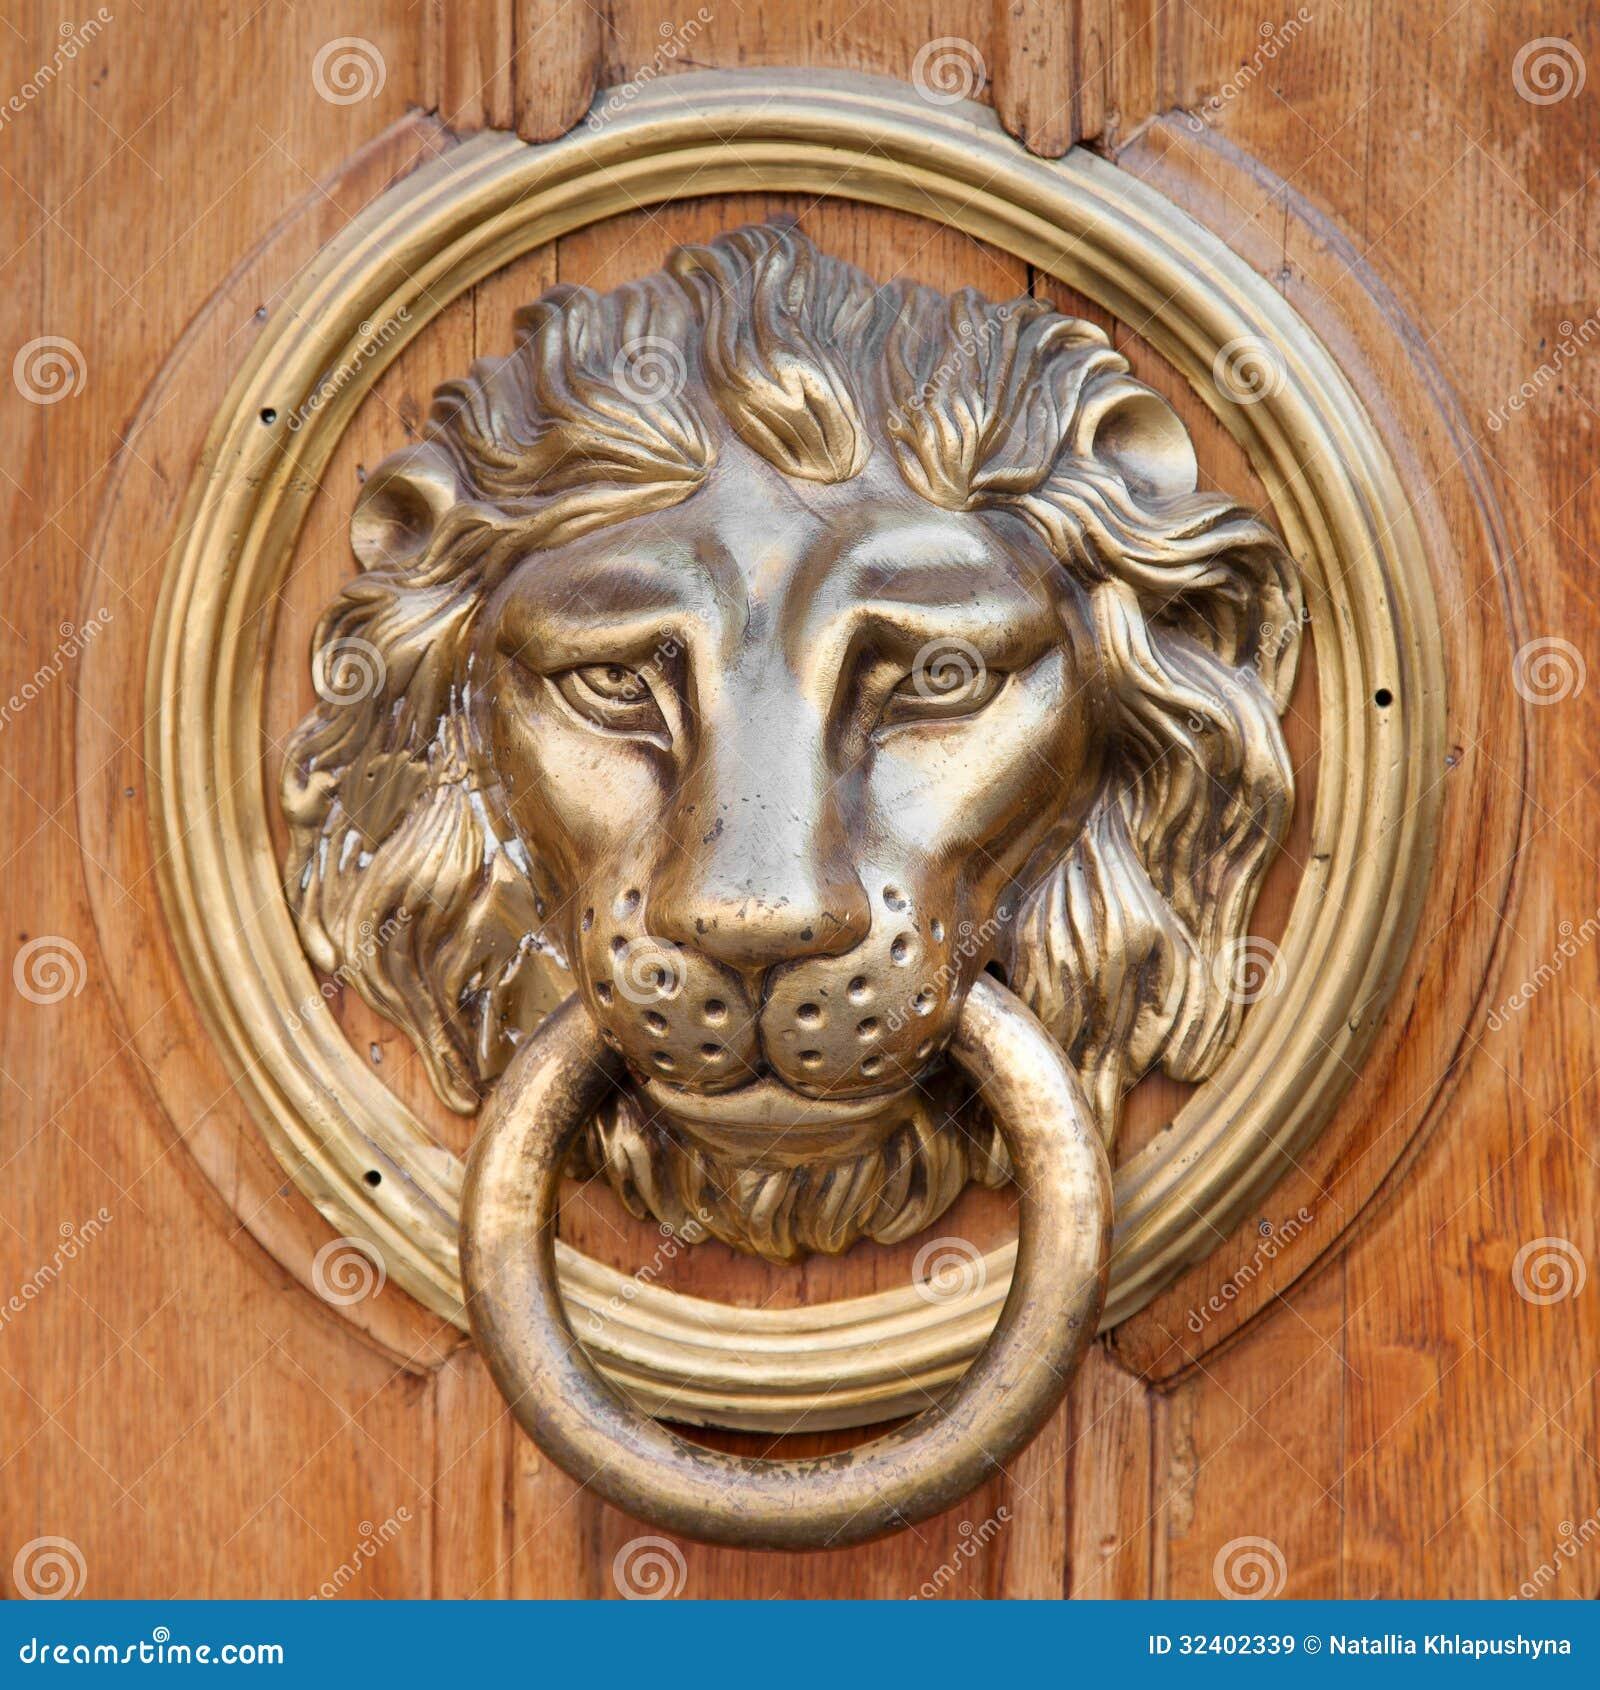 Heurtoir de porte poign e t te de lion images libres de droits image 32402339 - Heurtoir de porte tete de lion ...